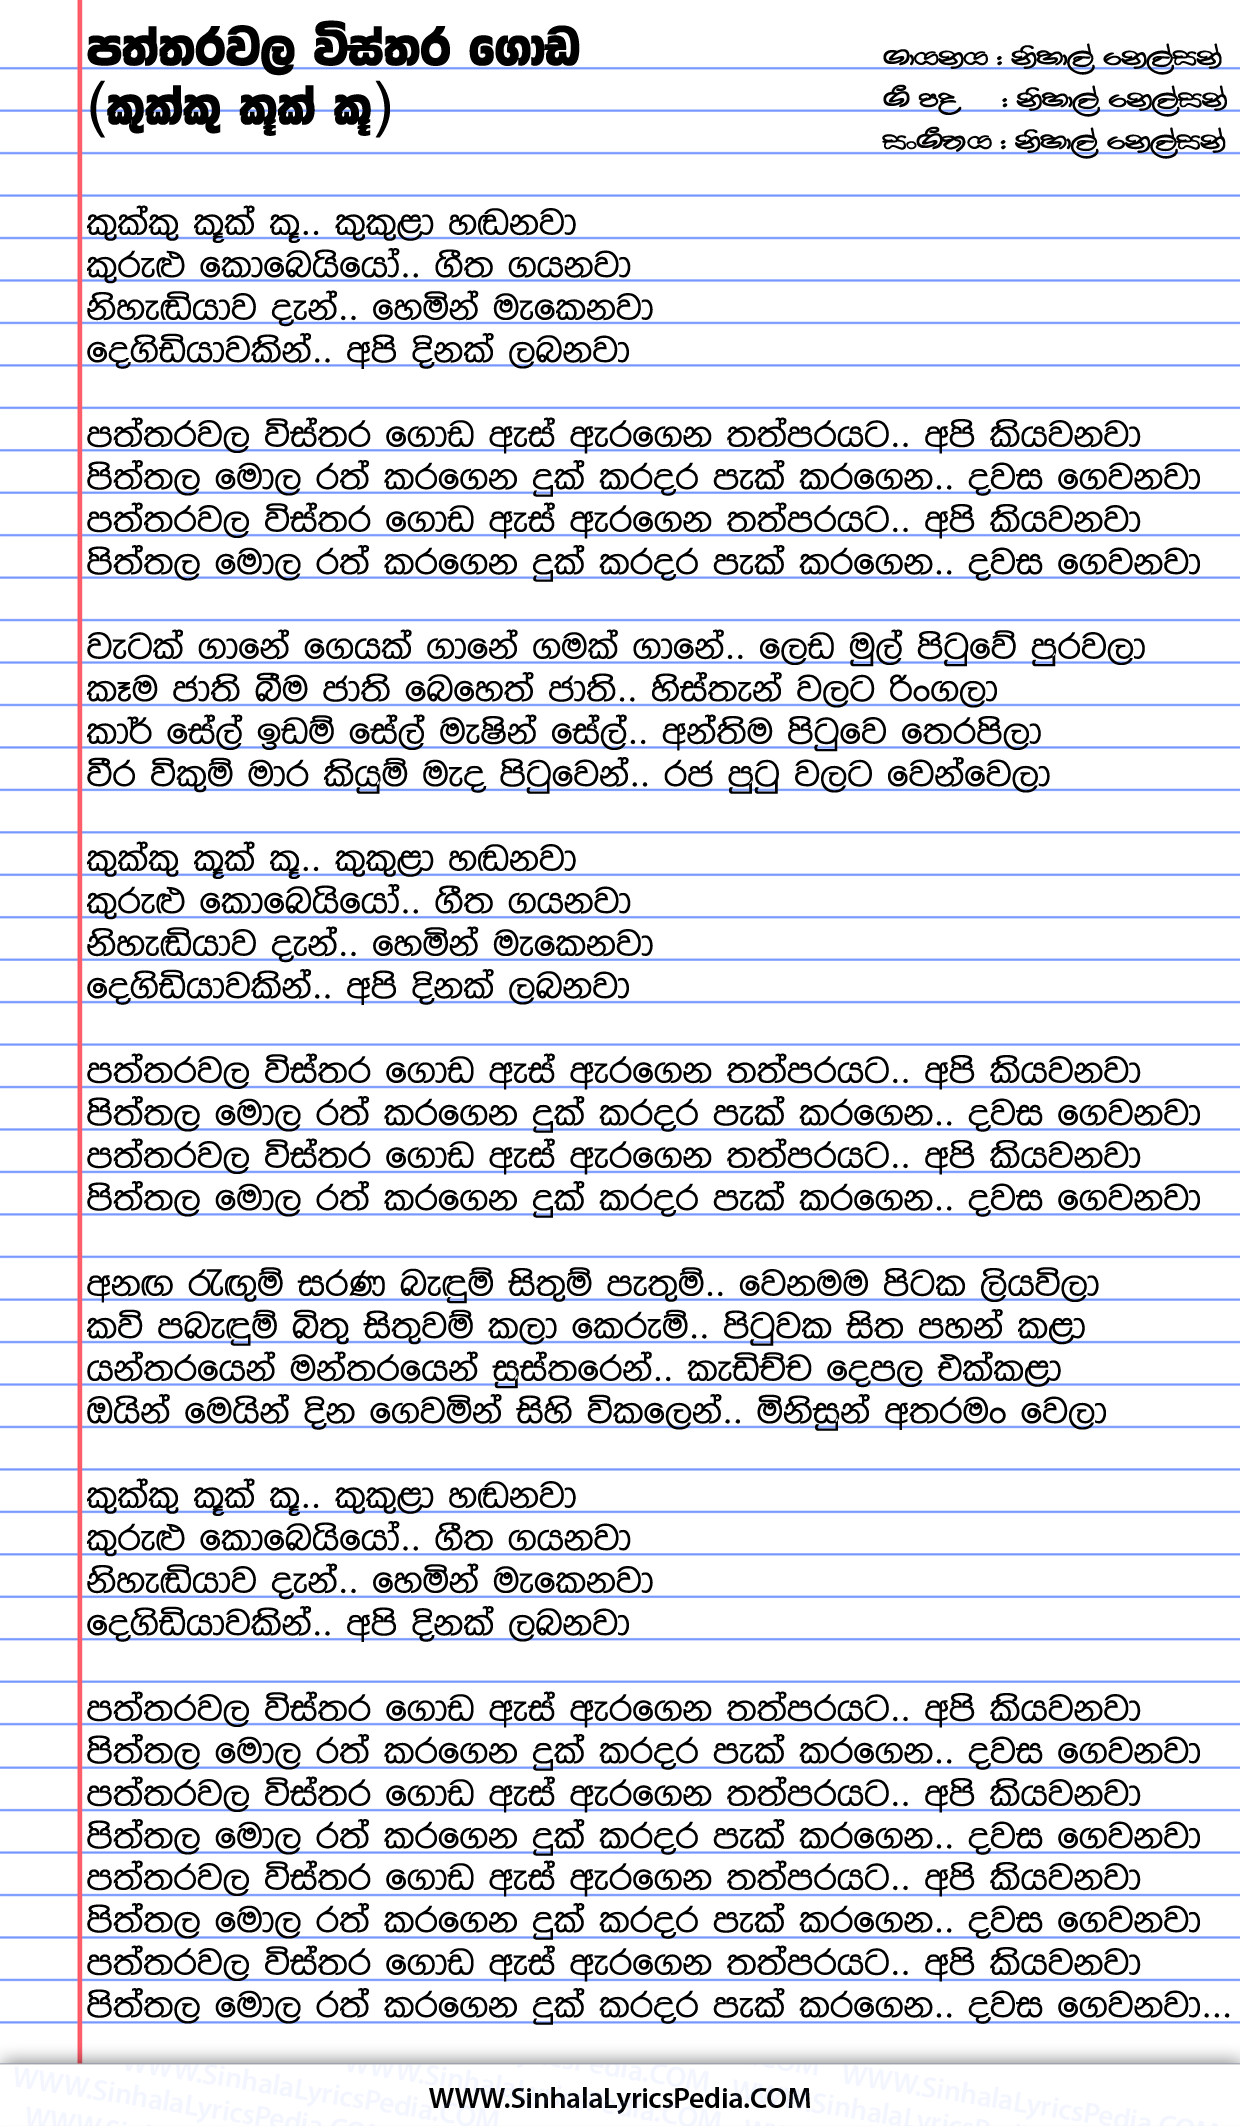 Paththara Wala Wisthara Wala (Kukku Kukku Kukula Hadanawa) Song Lyrics